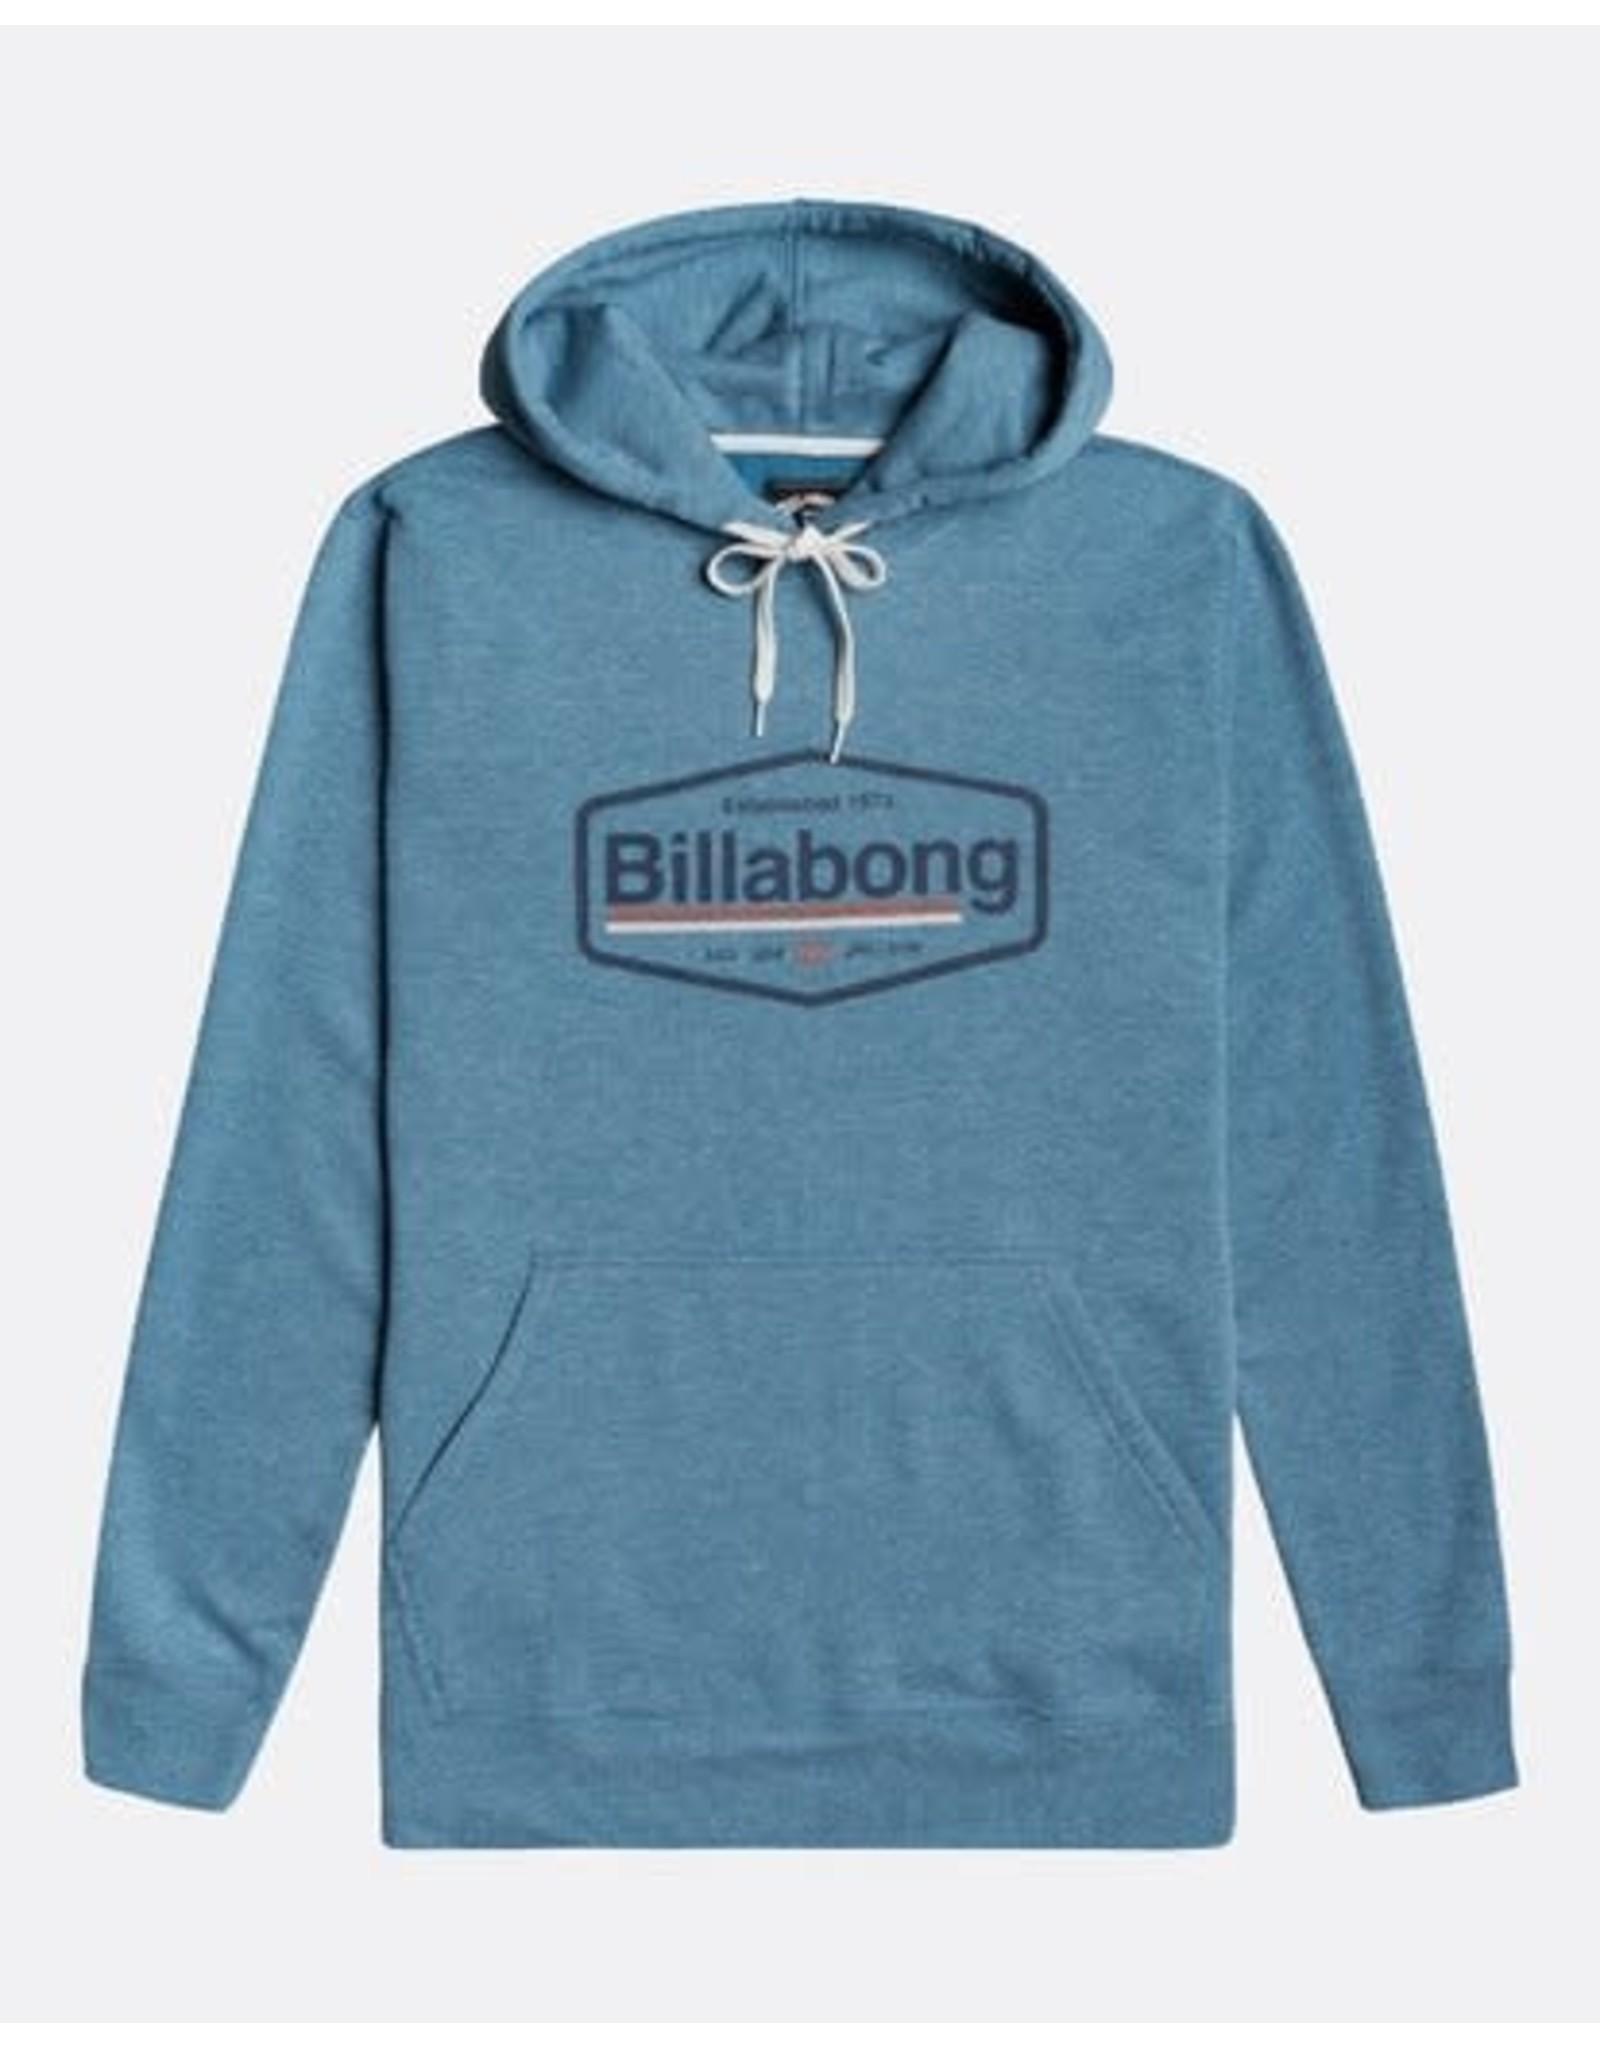 Billabong Billabong Montana